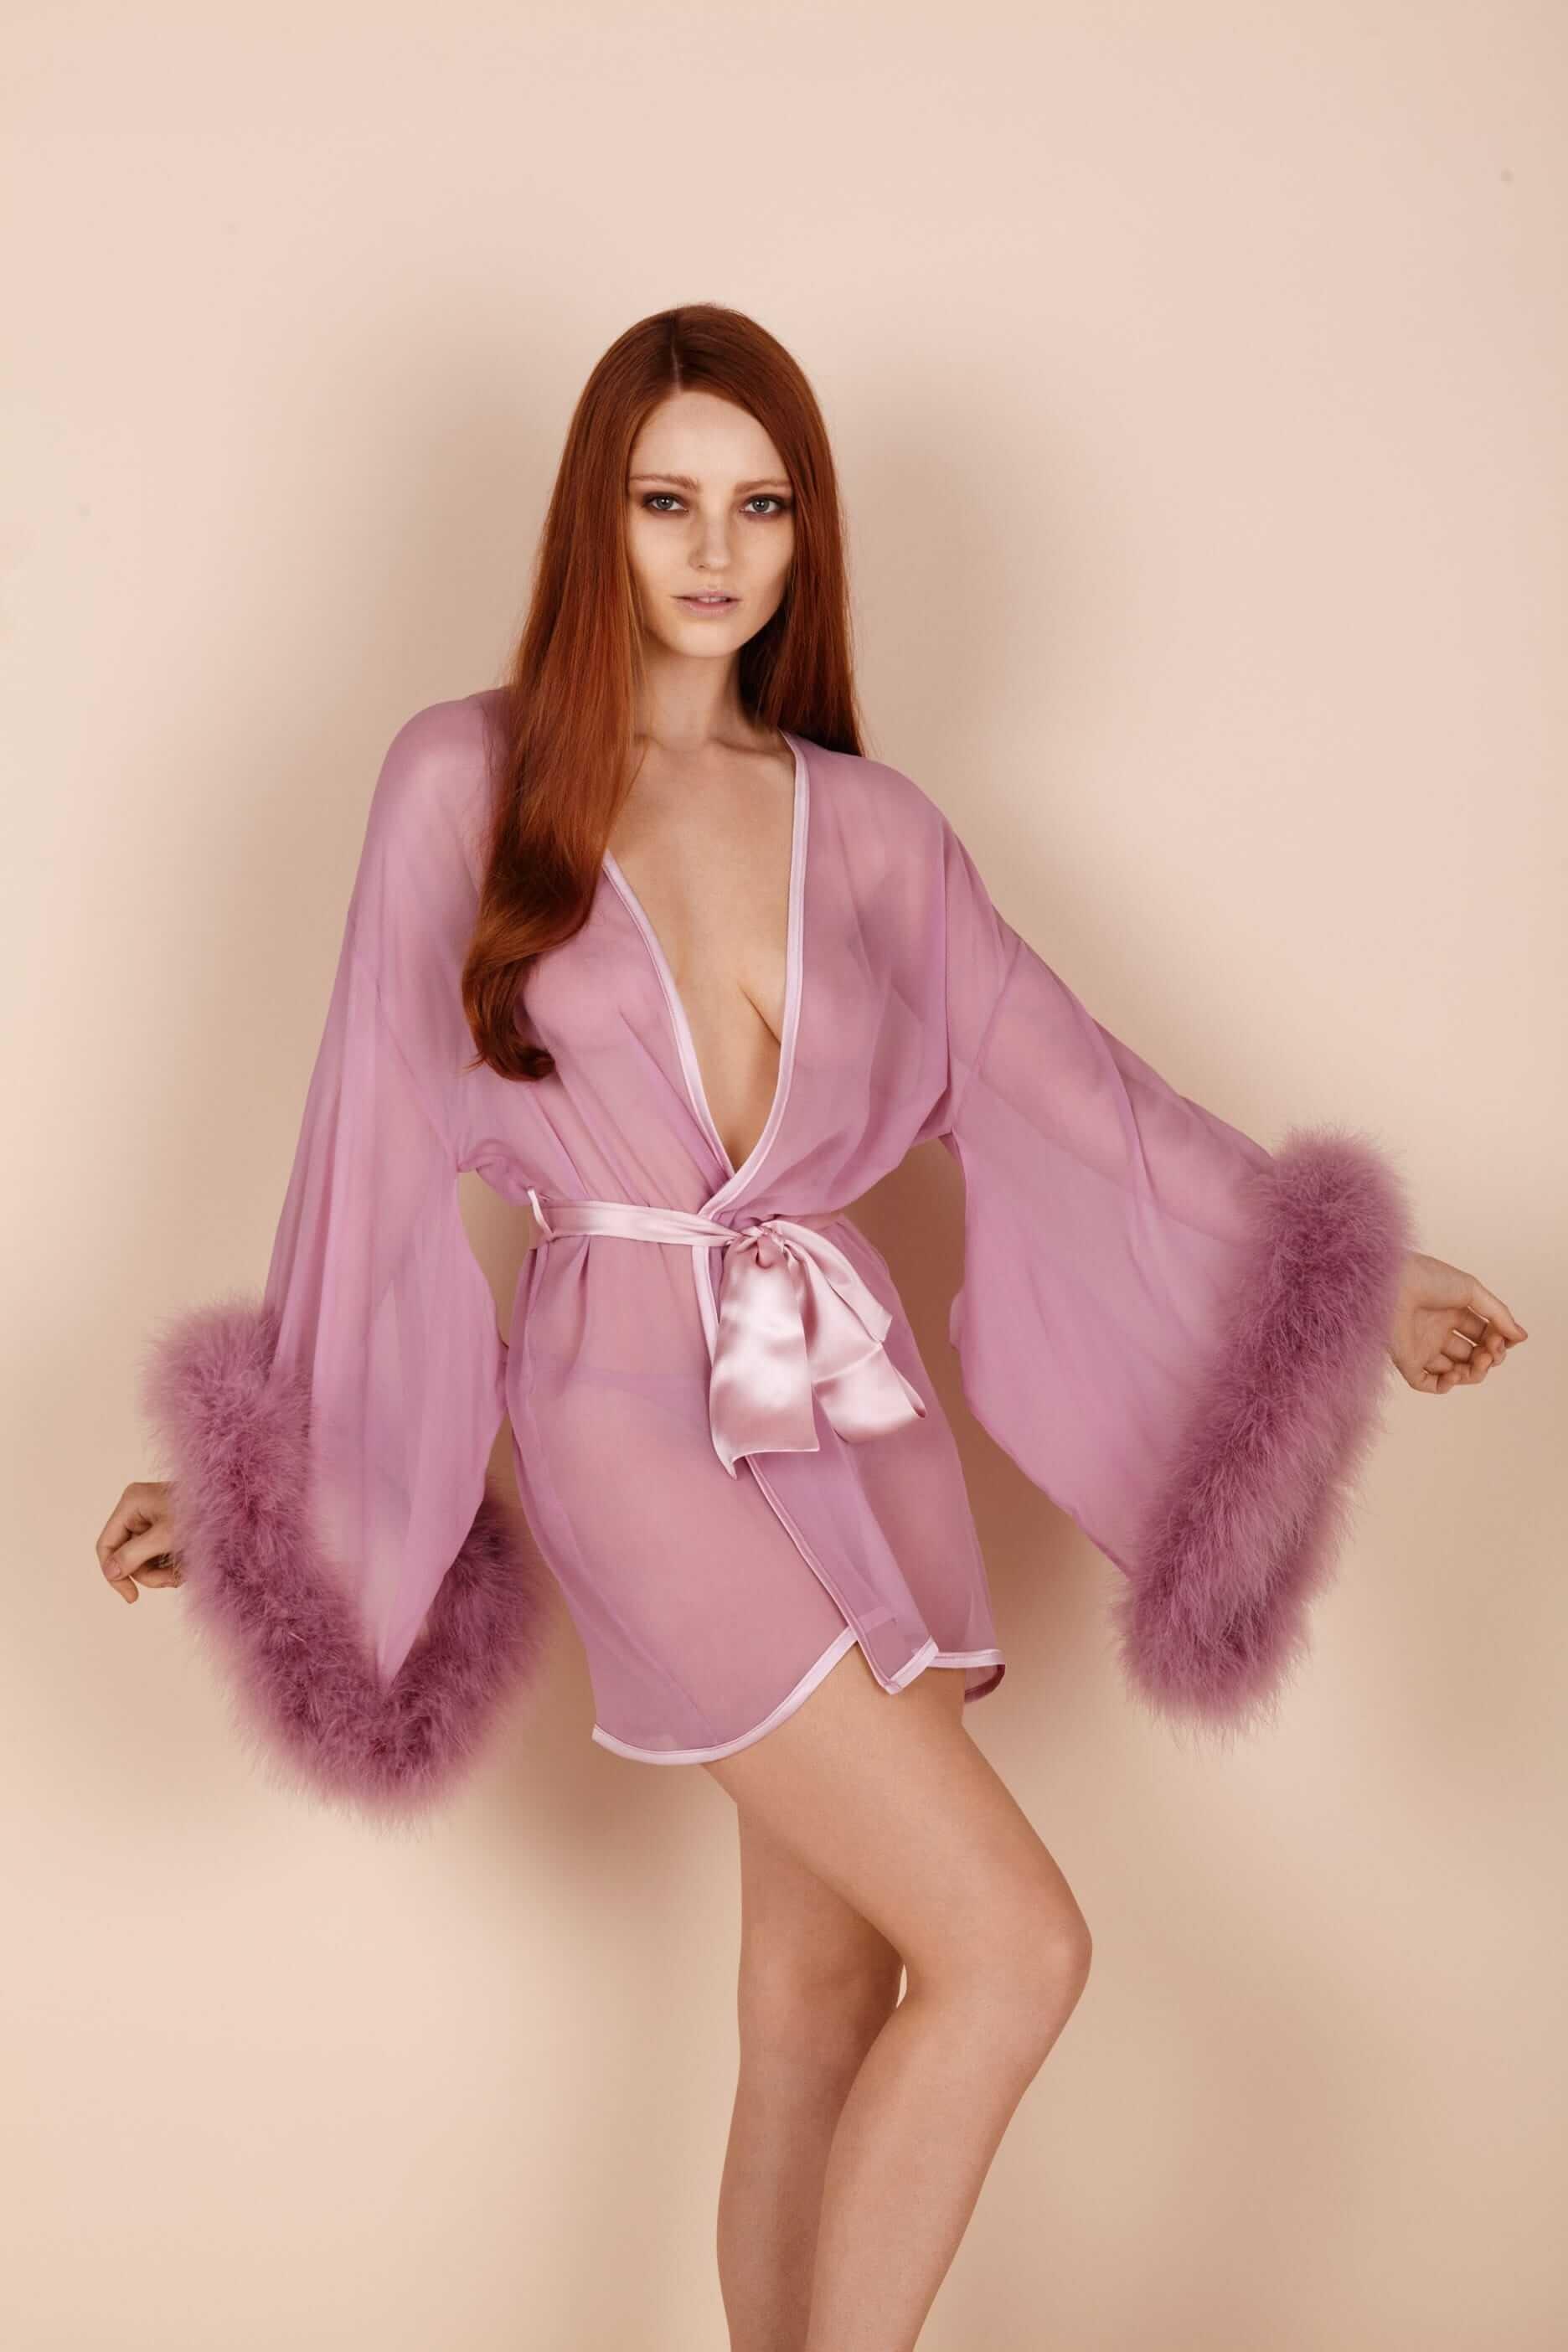 Где искать будуарную одежду со страусиными перьями и перьями марабу. Халат с перьями марабу от английского бренда Gilda & Pearl